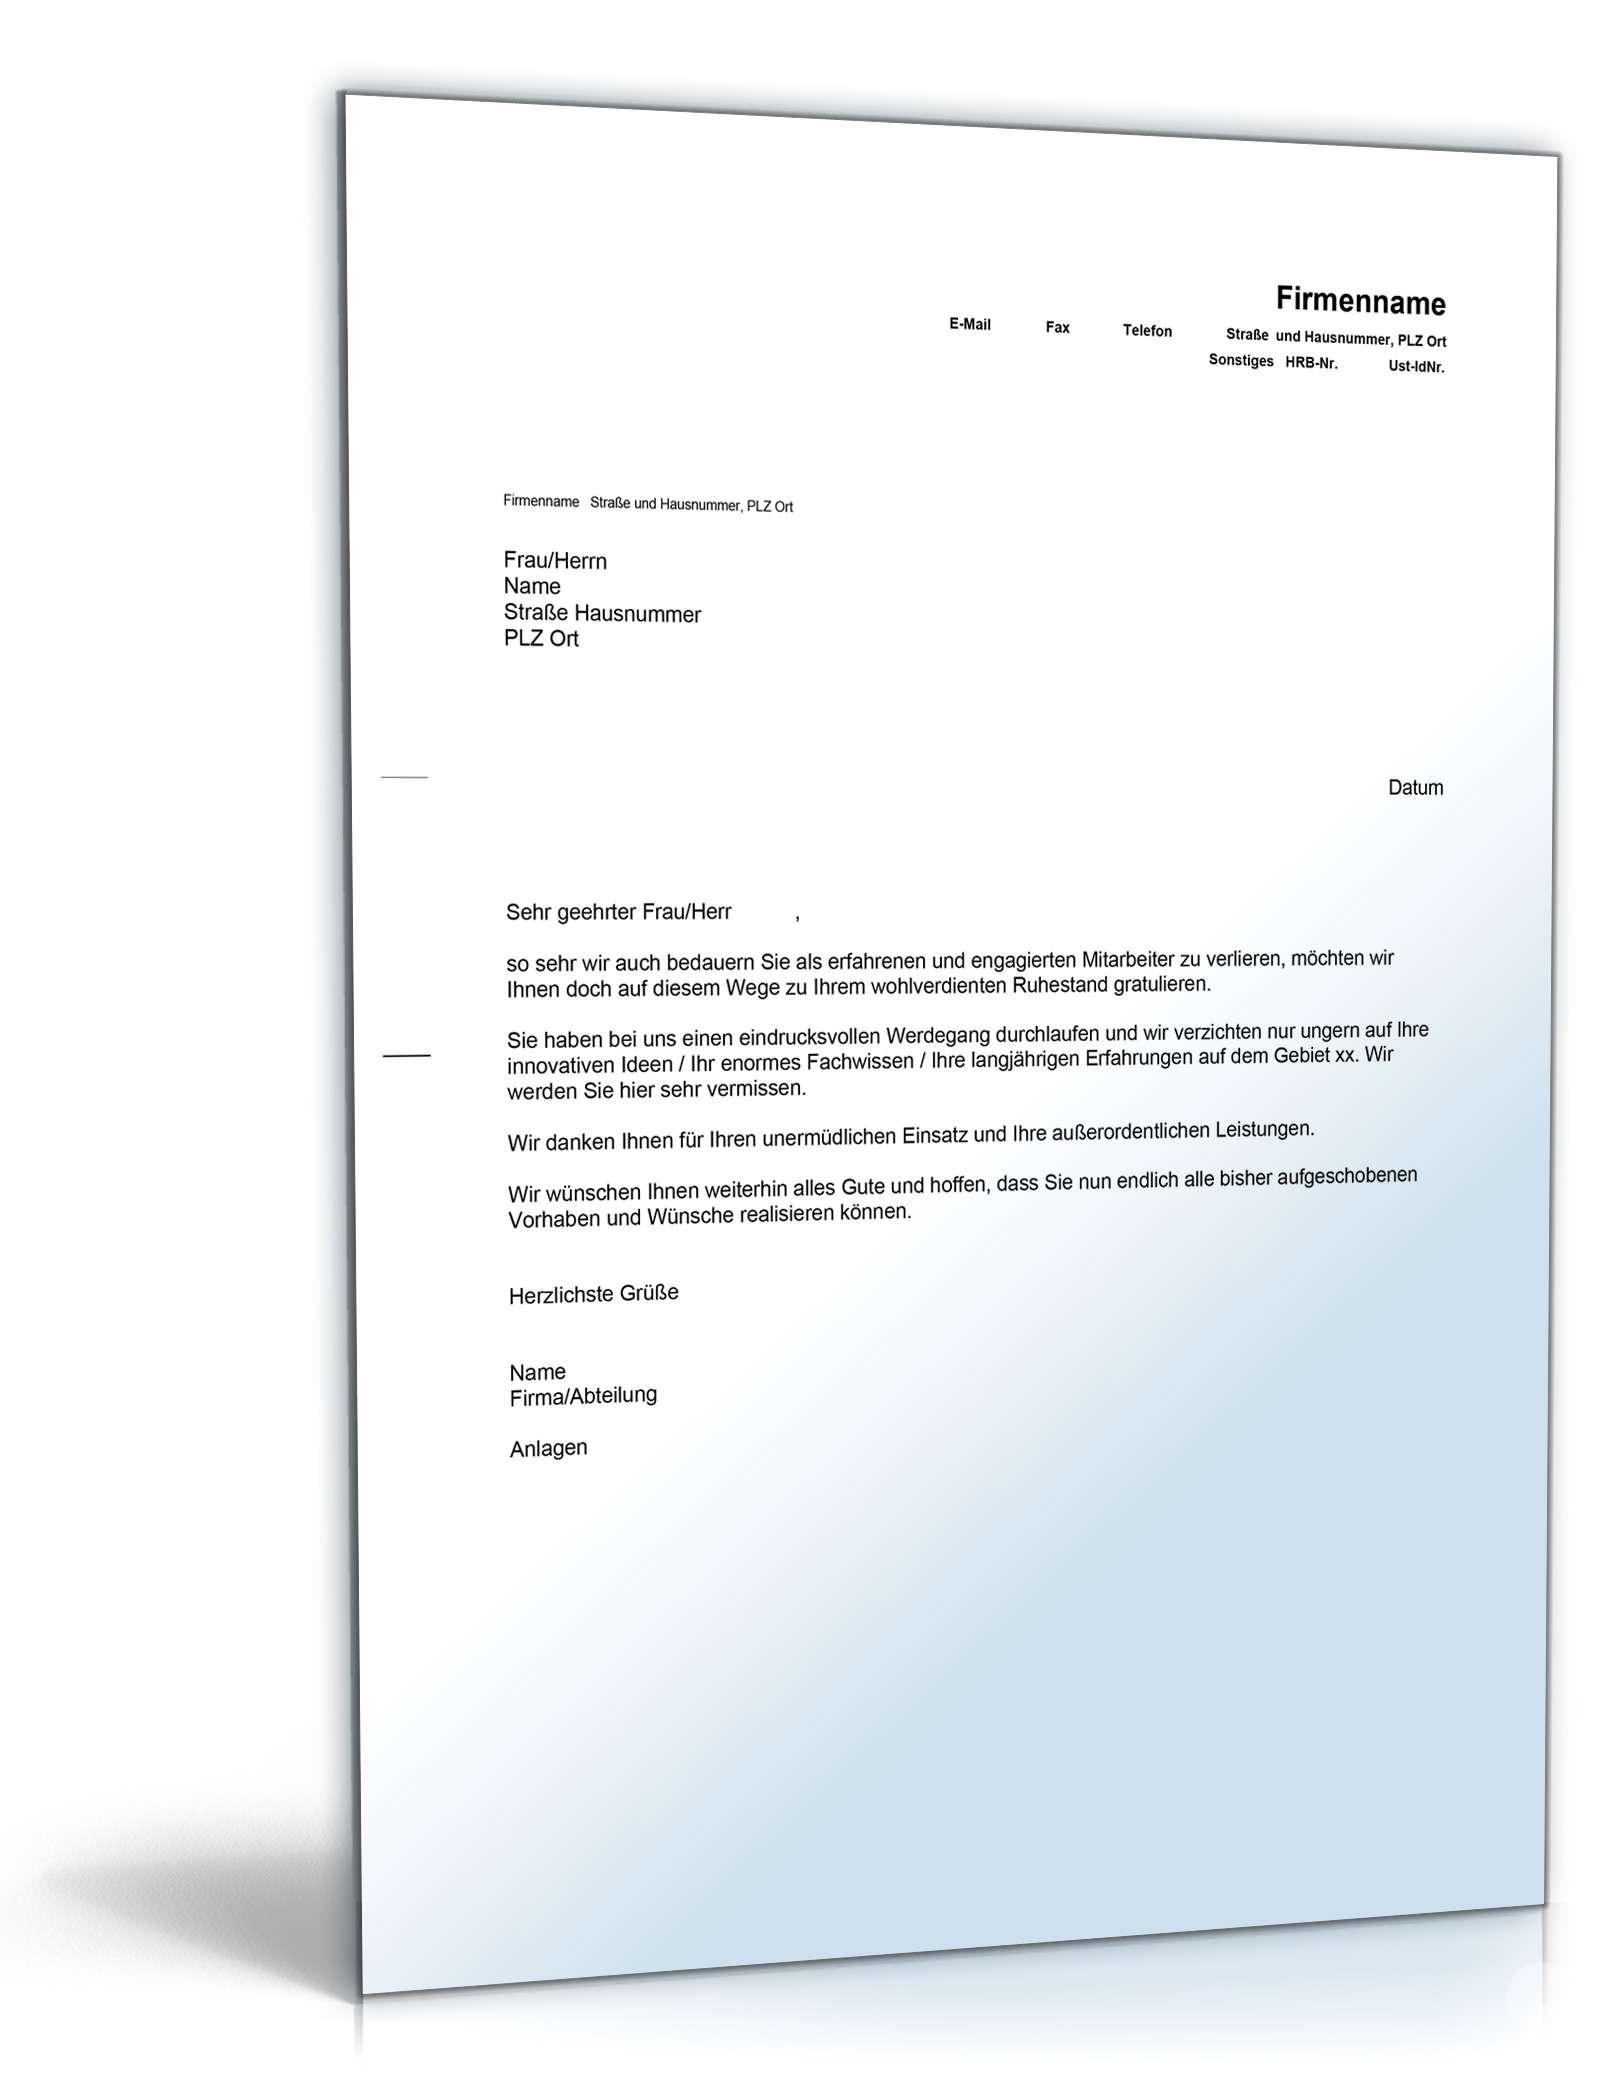 Musterbriefe Geschäftsbriefe : Glückwunsch ruhestand englisch deutsch muster zum download